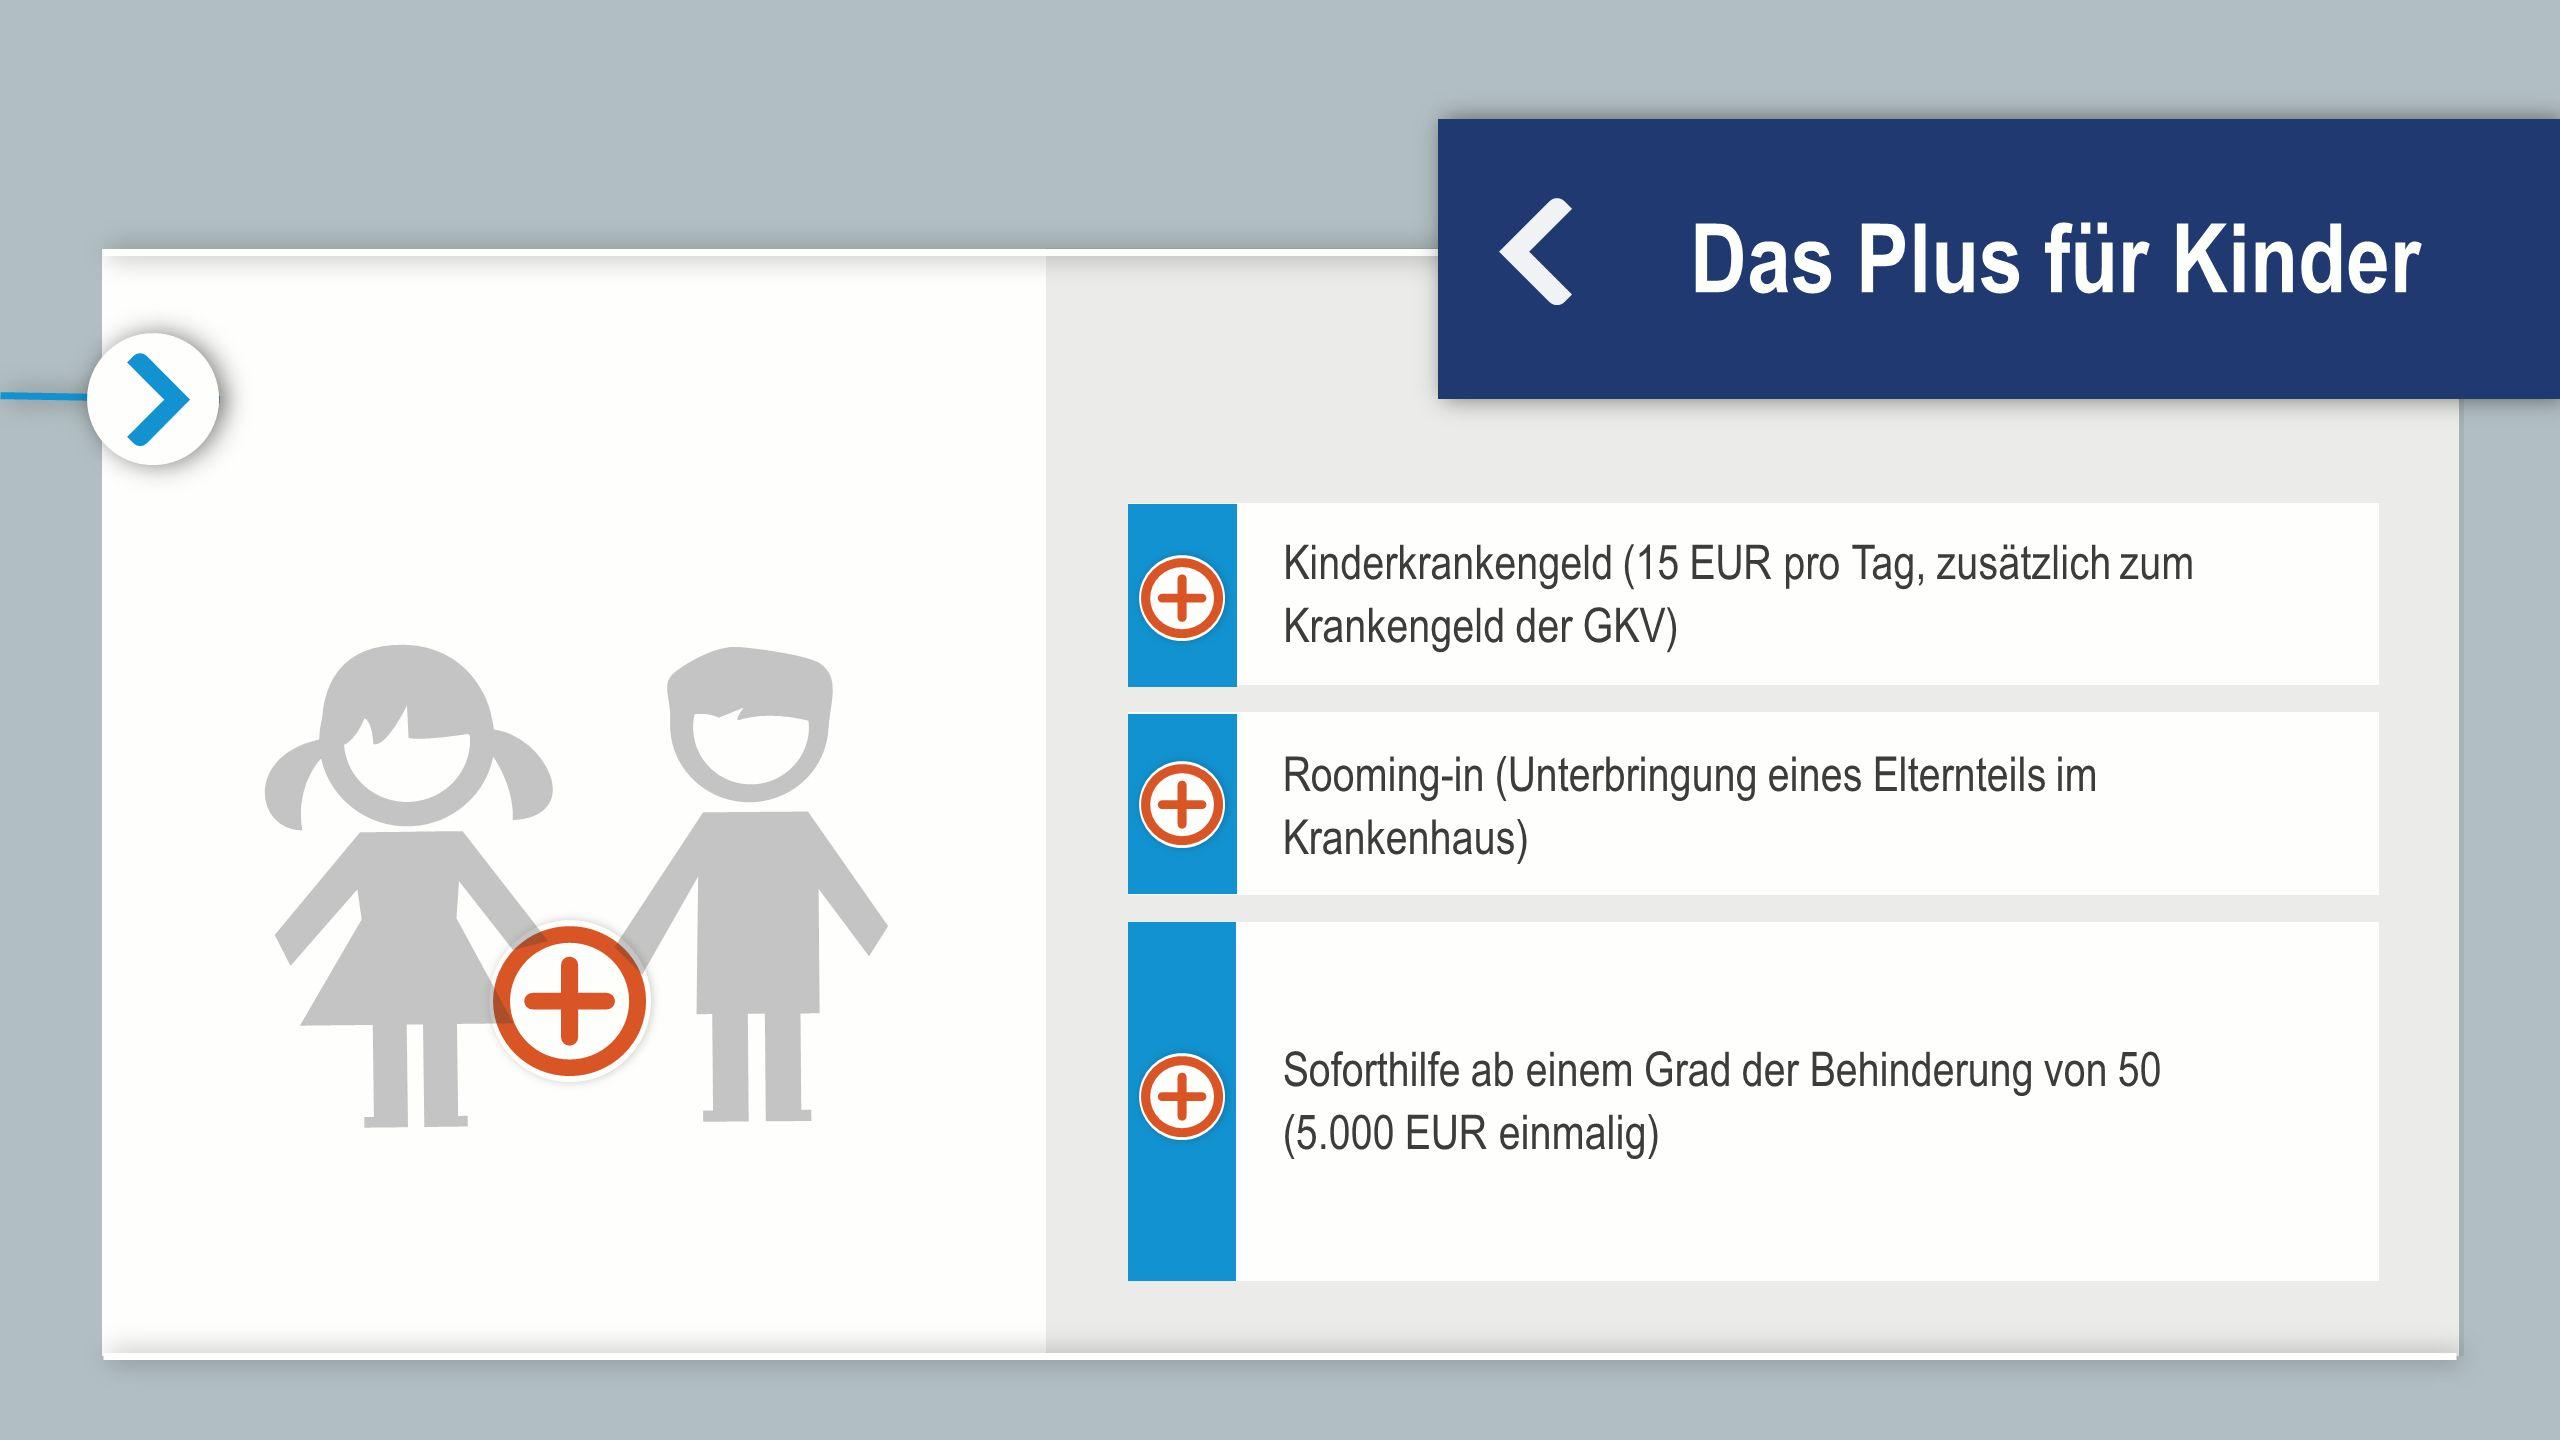 Das Plus für Kinder Kinderkrankengeld (15 EUR pro Tag, zusätzlich zum Krankengeld der GKV) Rooming-in (Unterbringung eines Elternteils im Krankenhaus) Soforthilfe ab einem Grad der Behinderung von 50 (5.000 EUR einmalig)